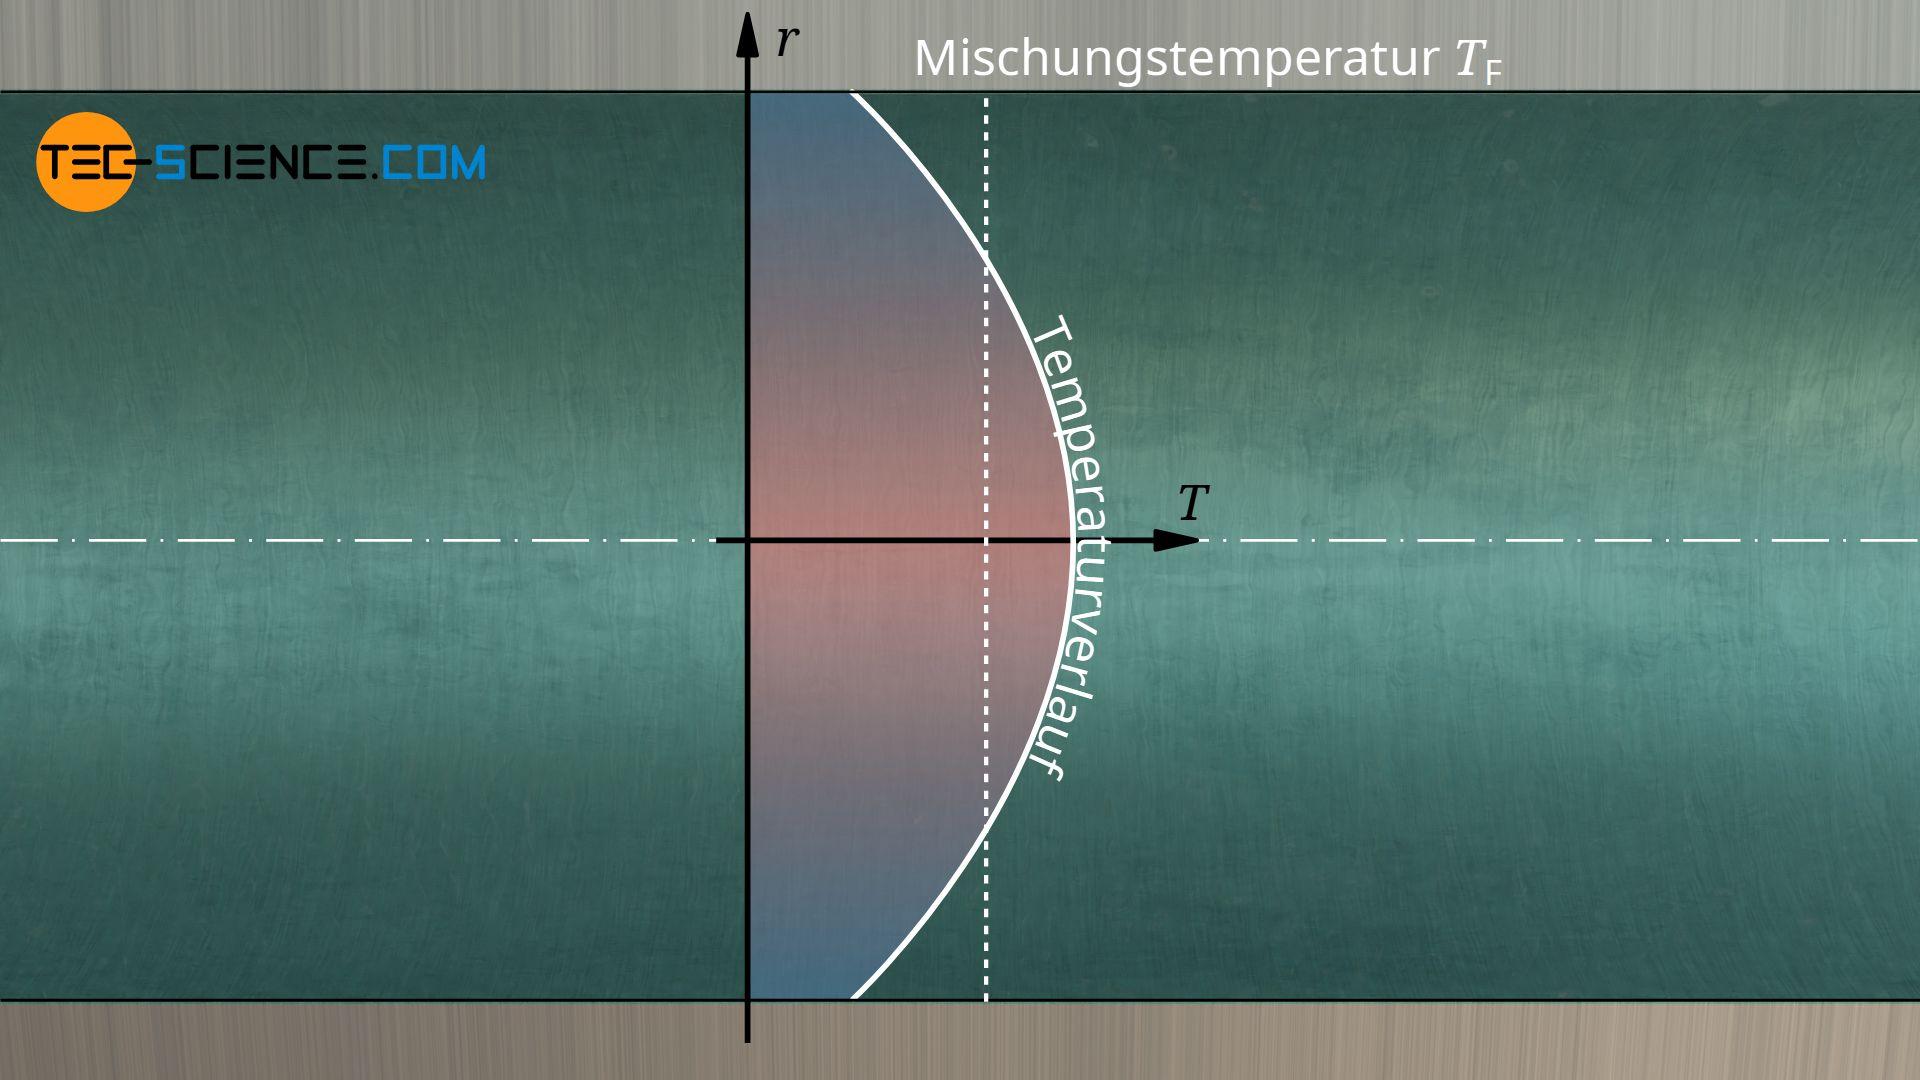 Bezugstemperatur bei einer räumlich begrenzten Strömung (Rohrströmung)